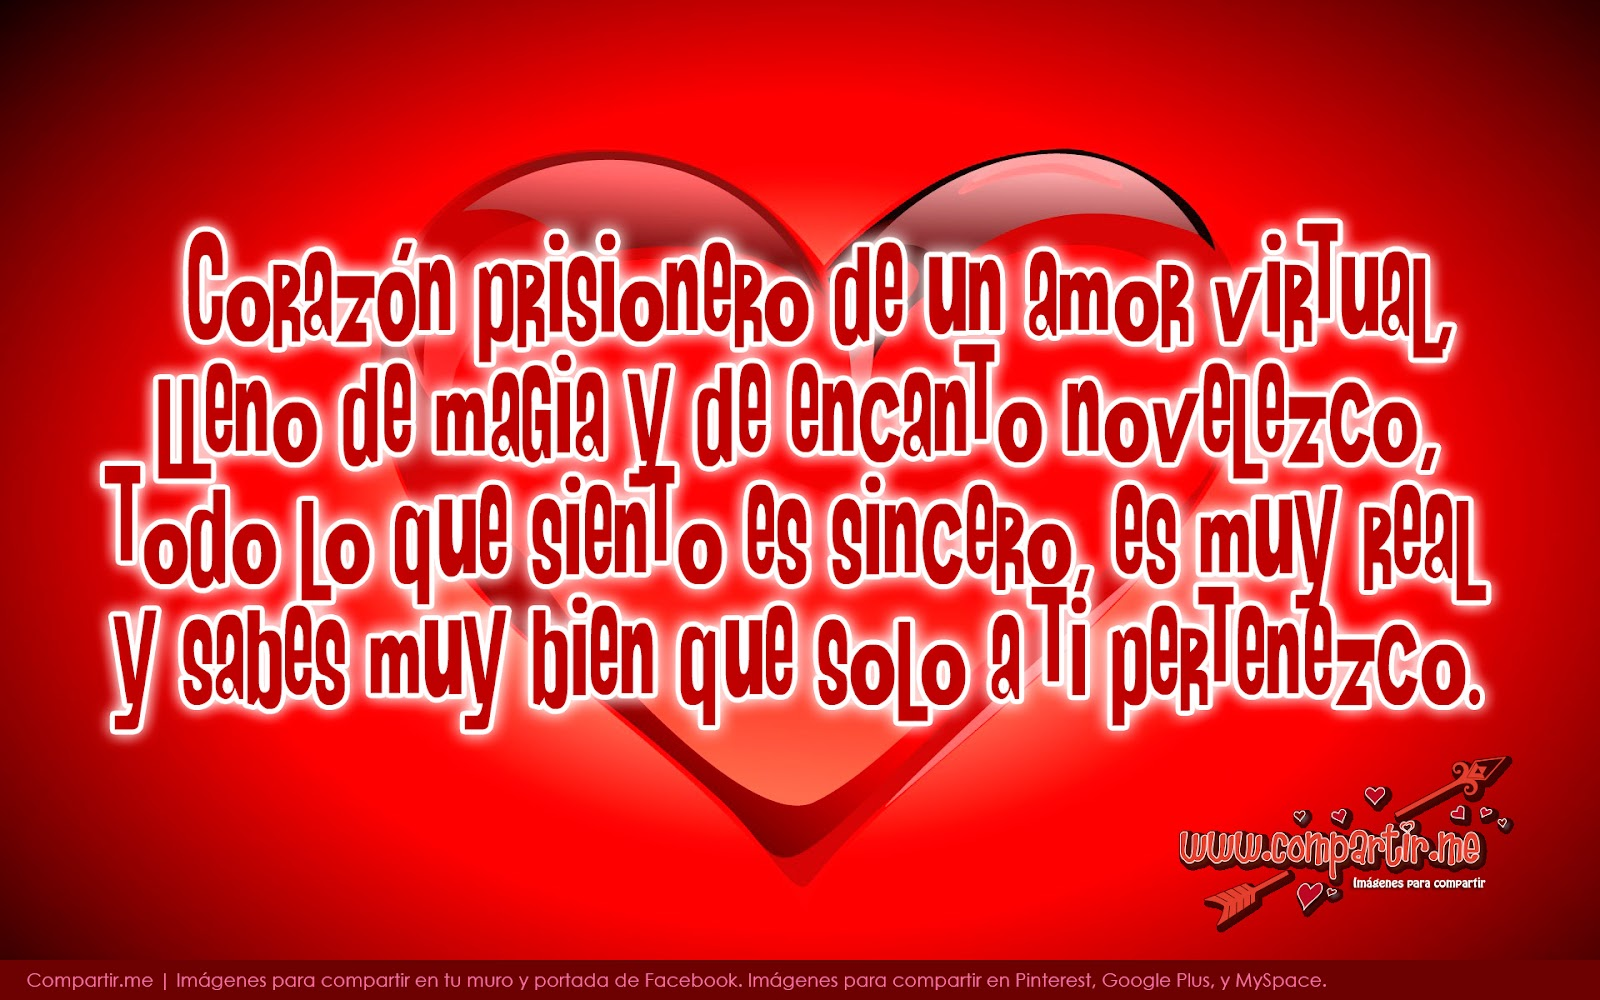 Poemas de Amor en imagenes con frases bonitas: Imagenes